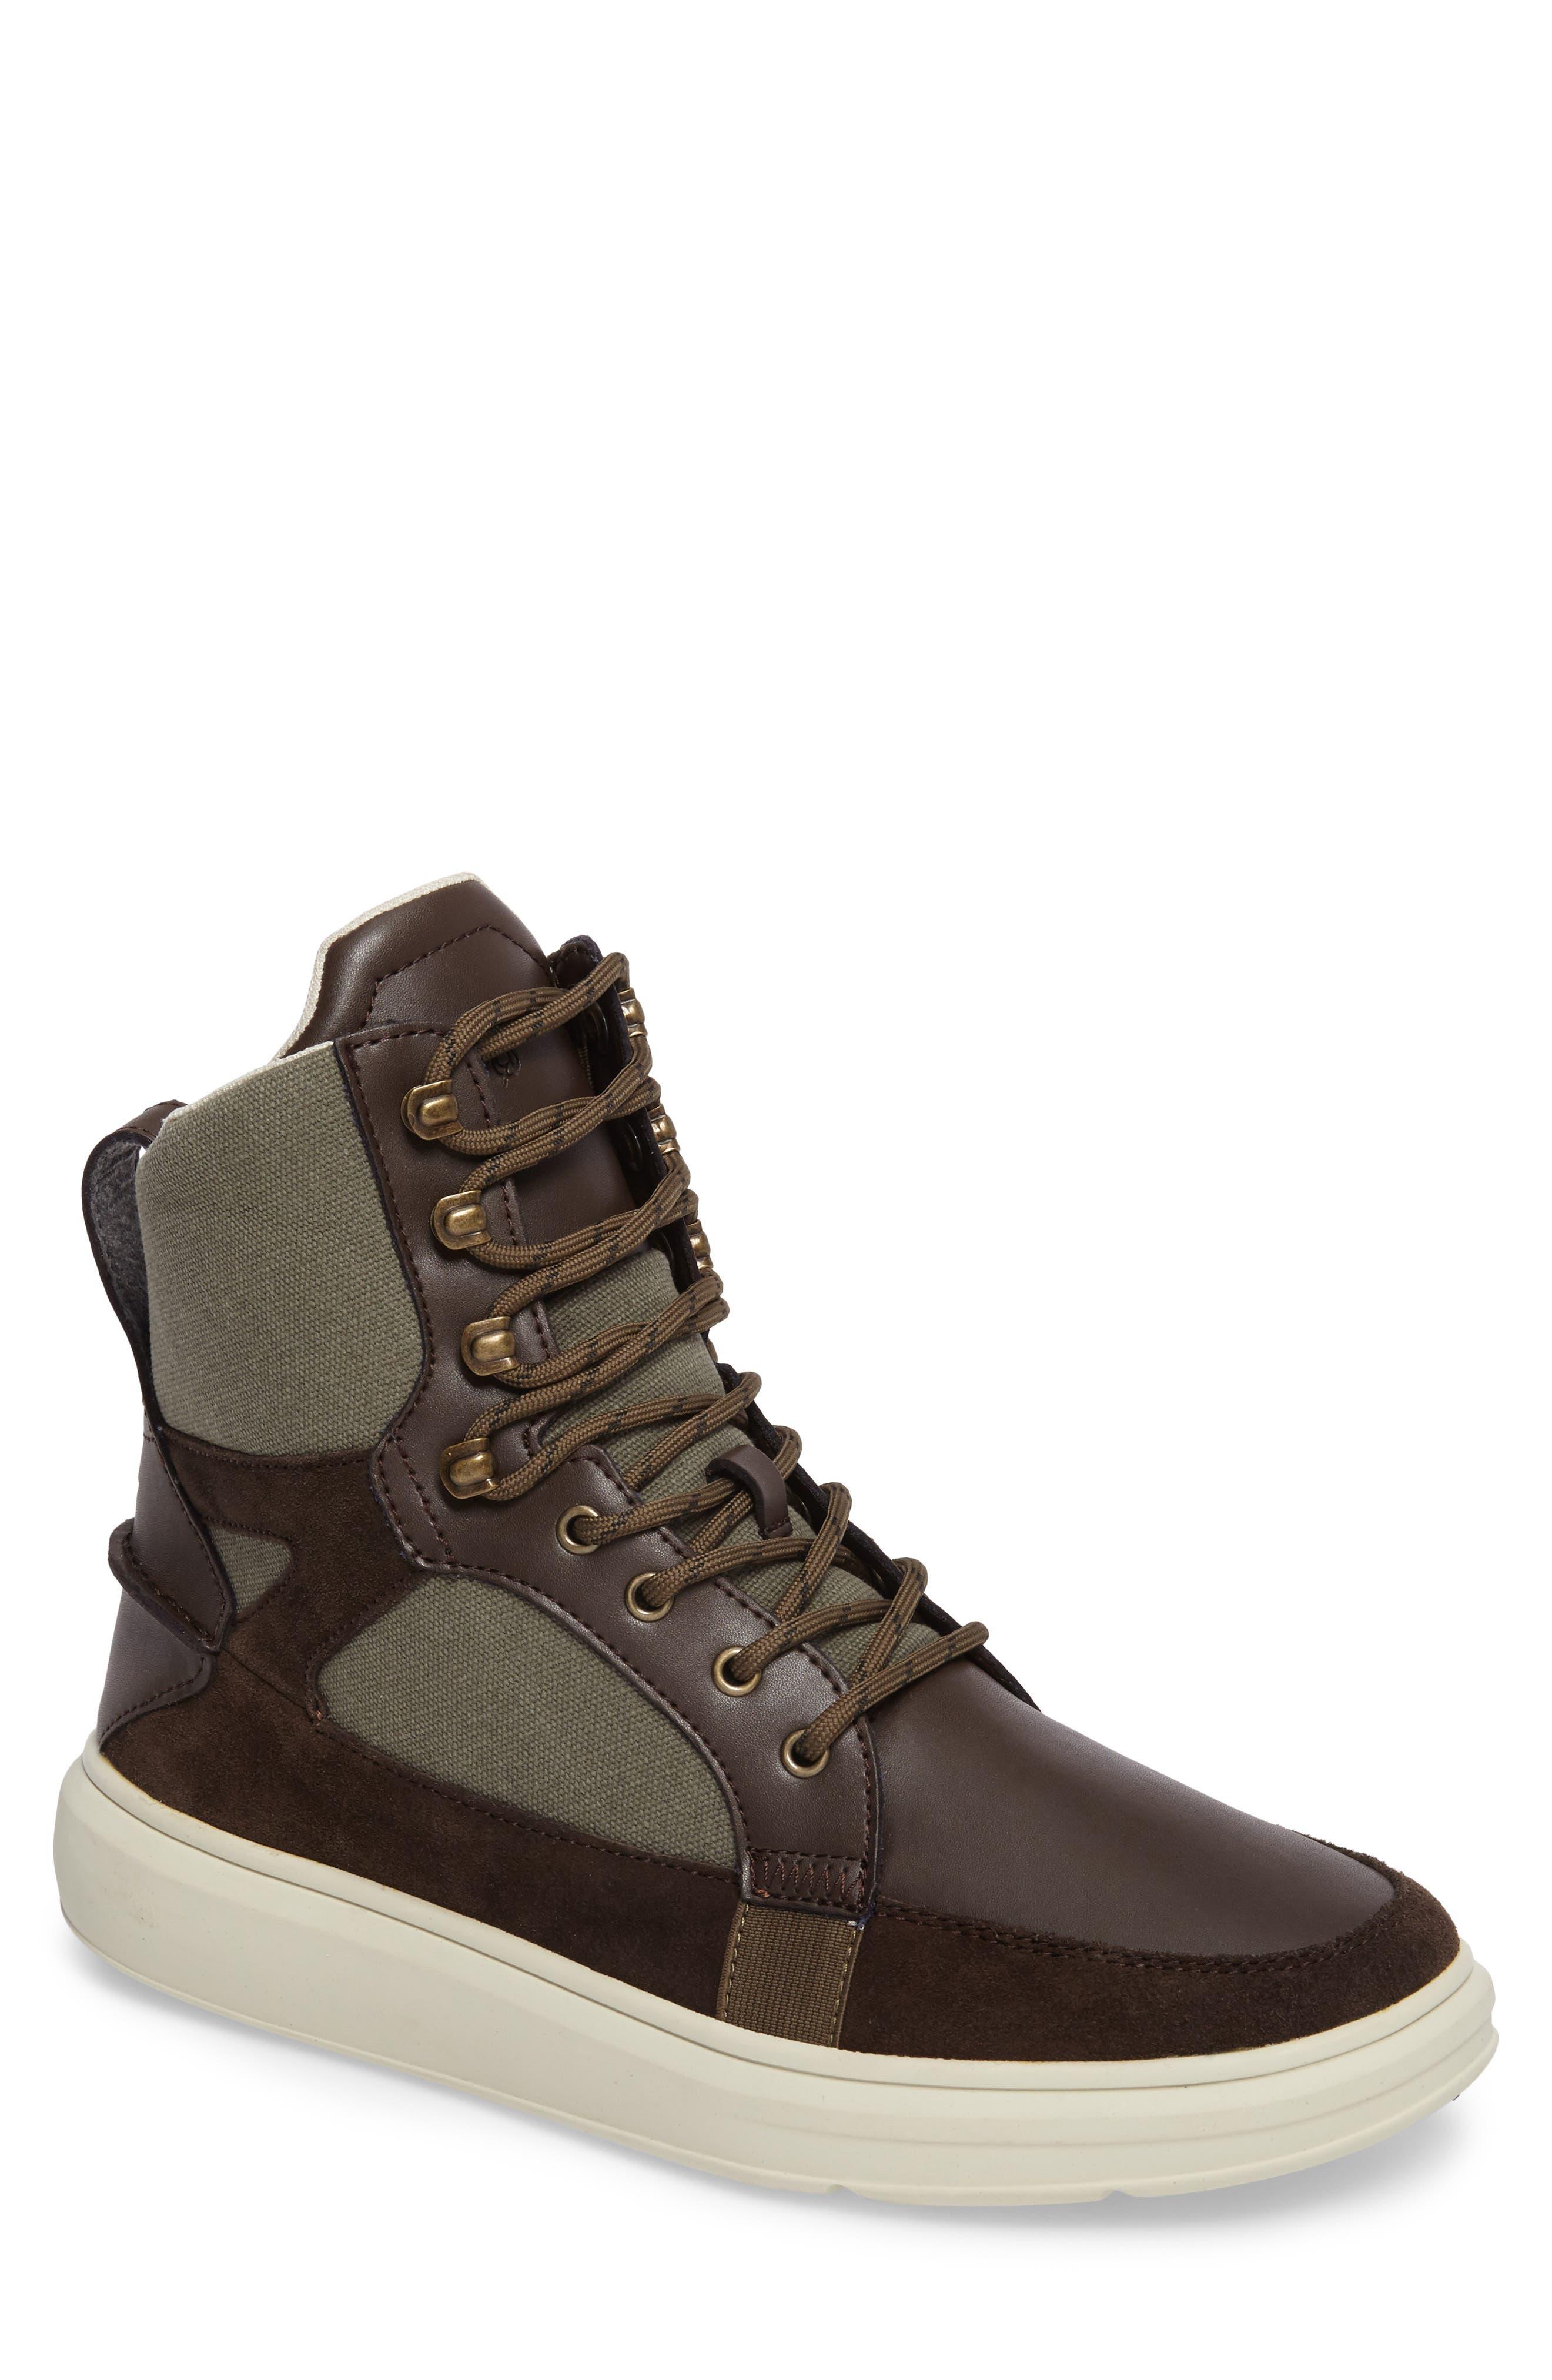 Main Image - Creative Recreation Desimo High Top Sneaker (Men)